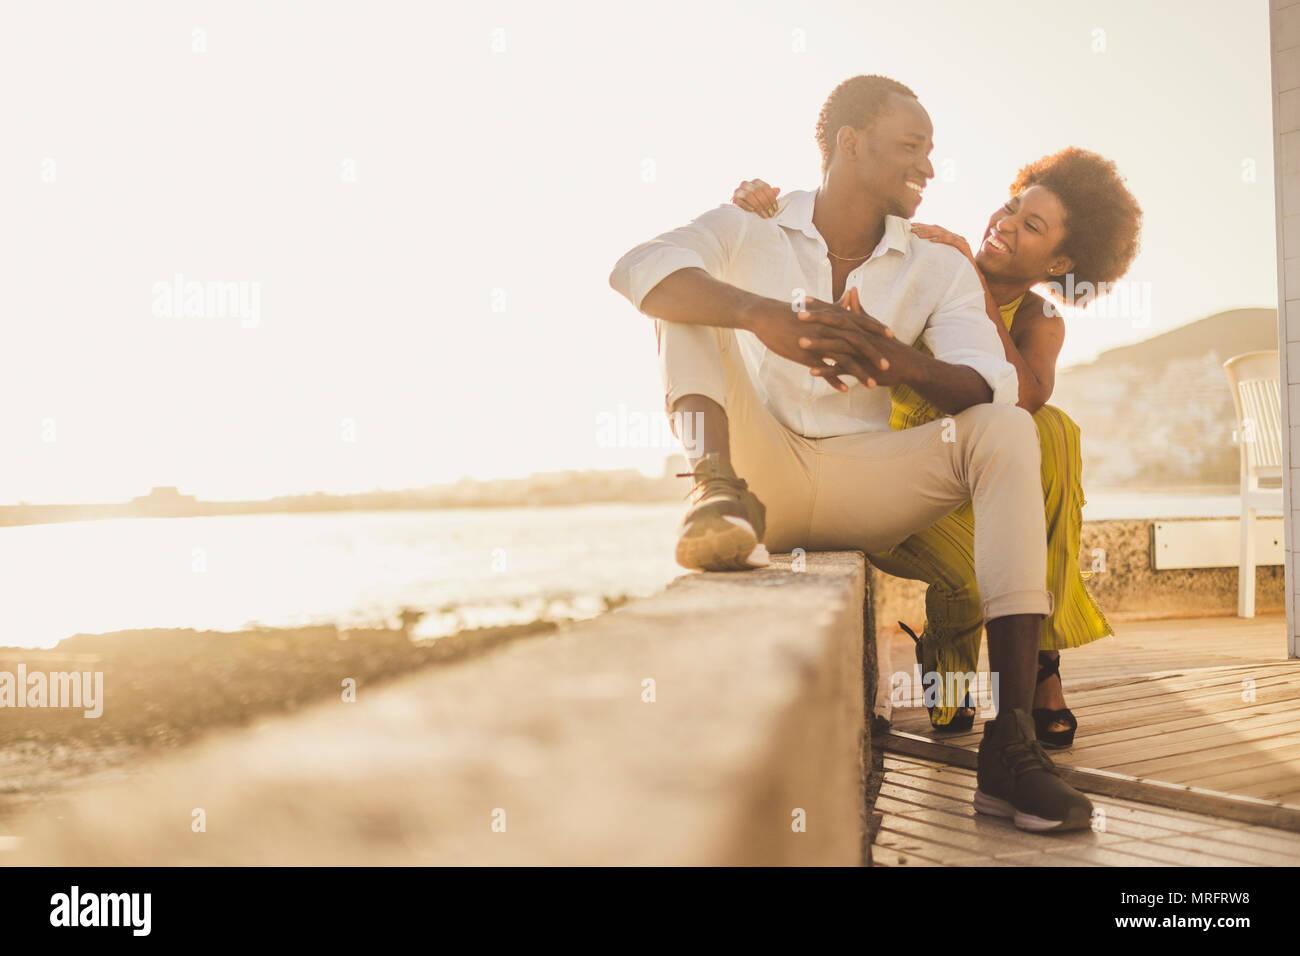 Schönen schwarzen Rasse afrikanische Paar in Liebe und Urlaub zusammen genießen mit einem breiten Lächeln und Lachen. legere Kleidung wie Mode Stil mit Stockbild